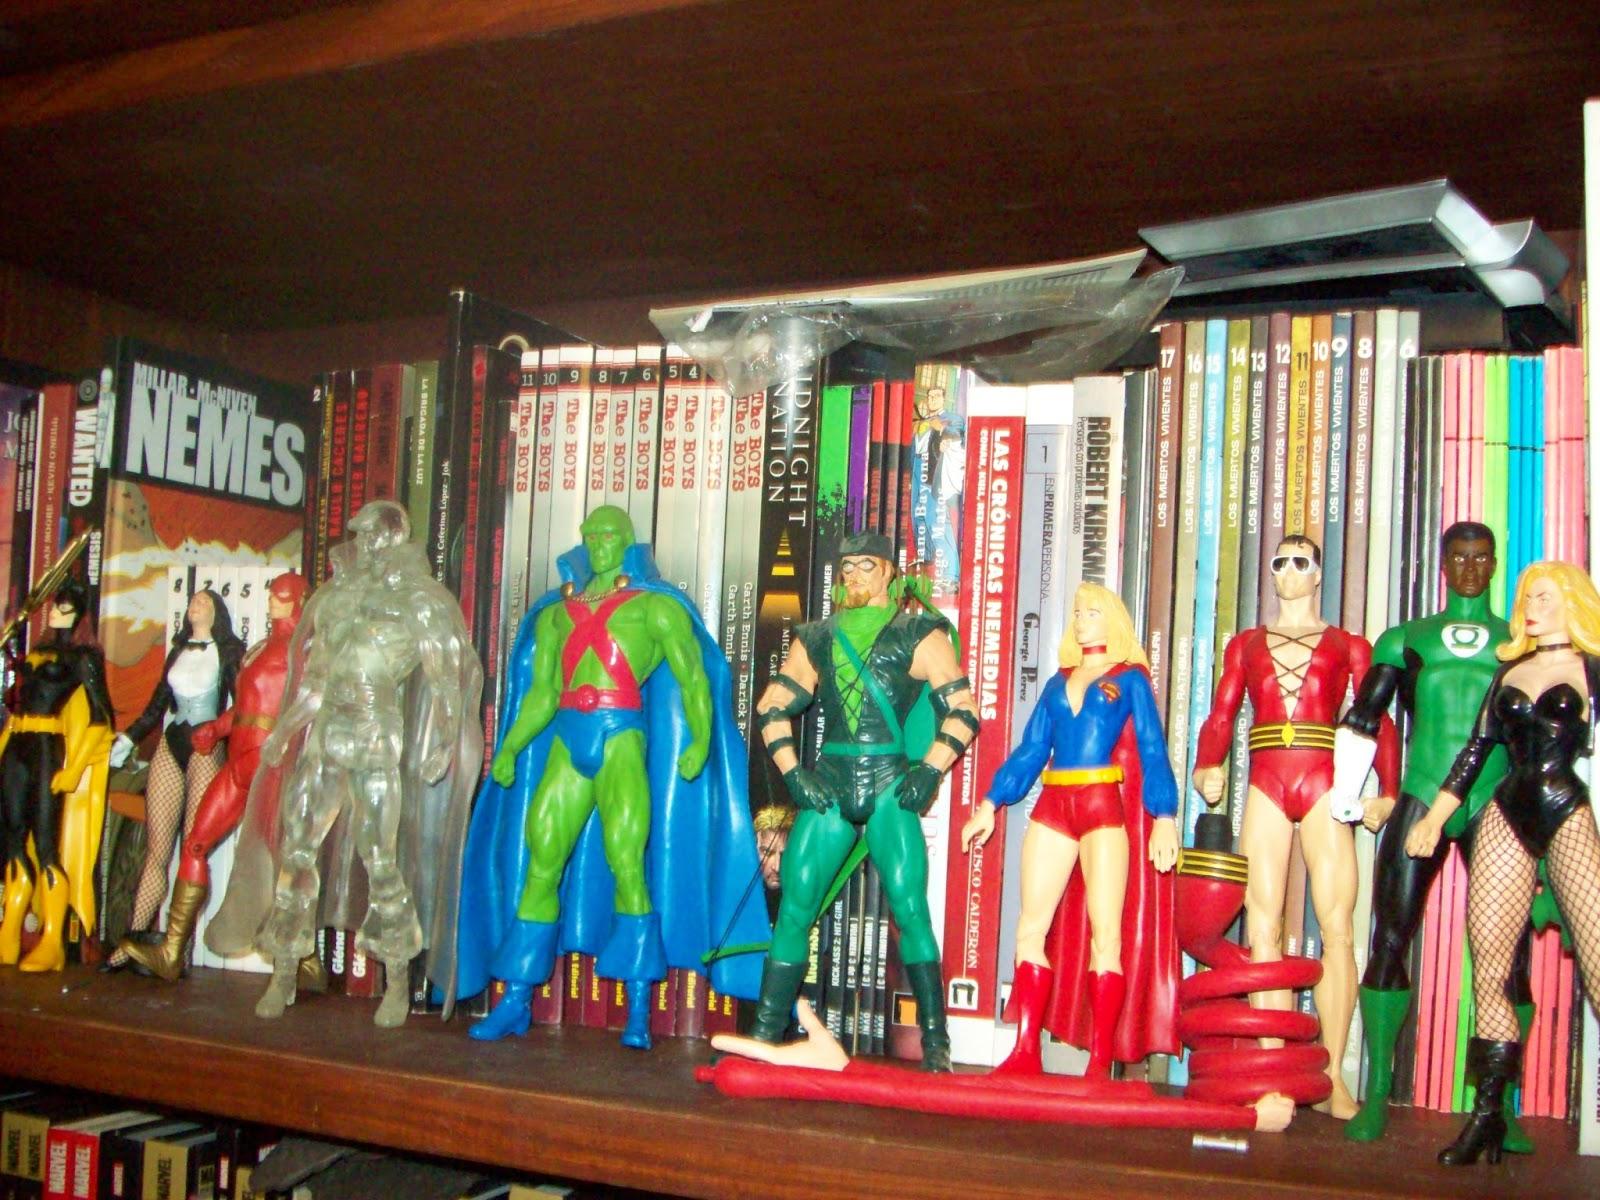 [COMICS] Colecciones de Comics ¿Quién la tiene más grande?  - Página 6 100_5533